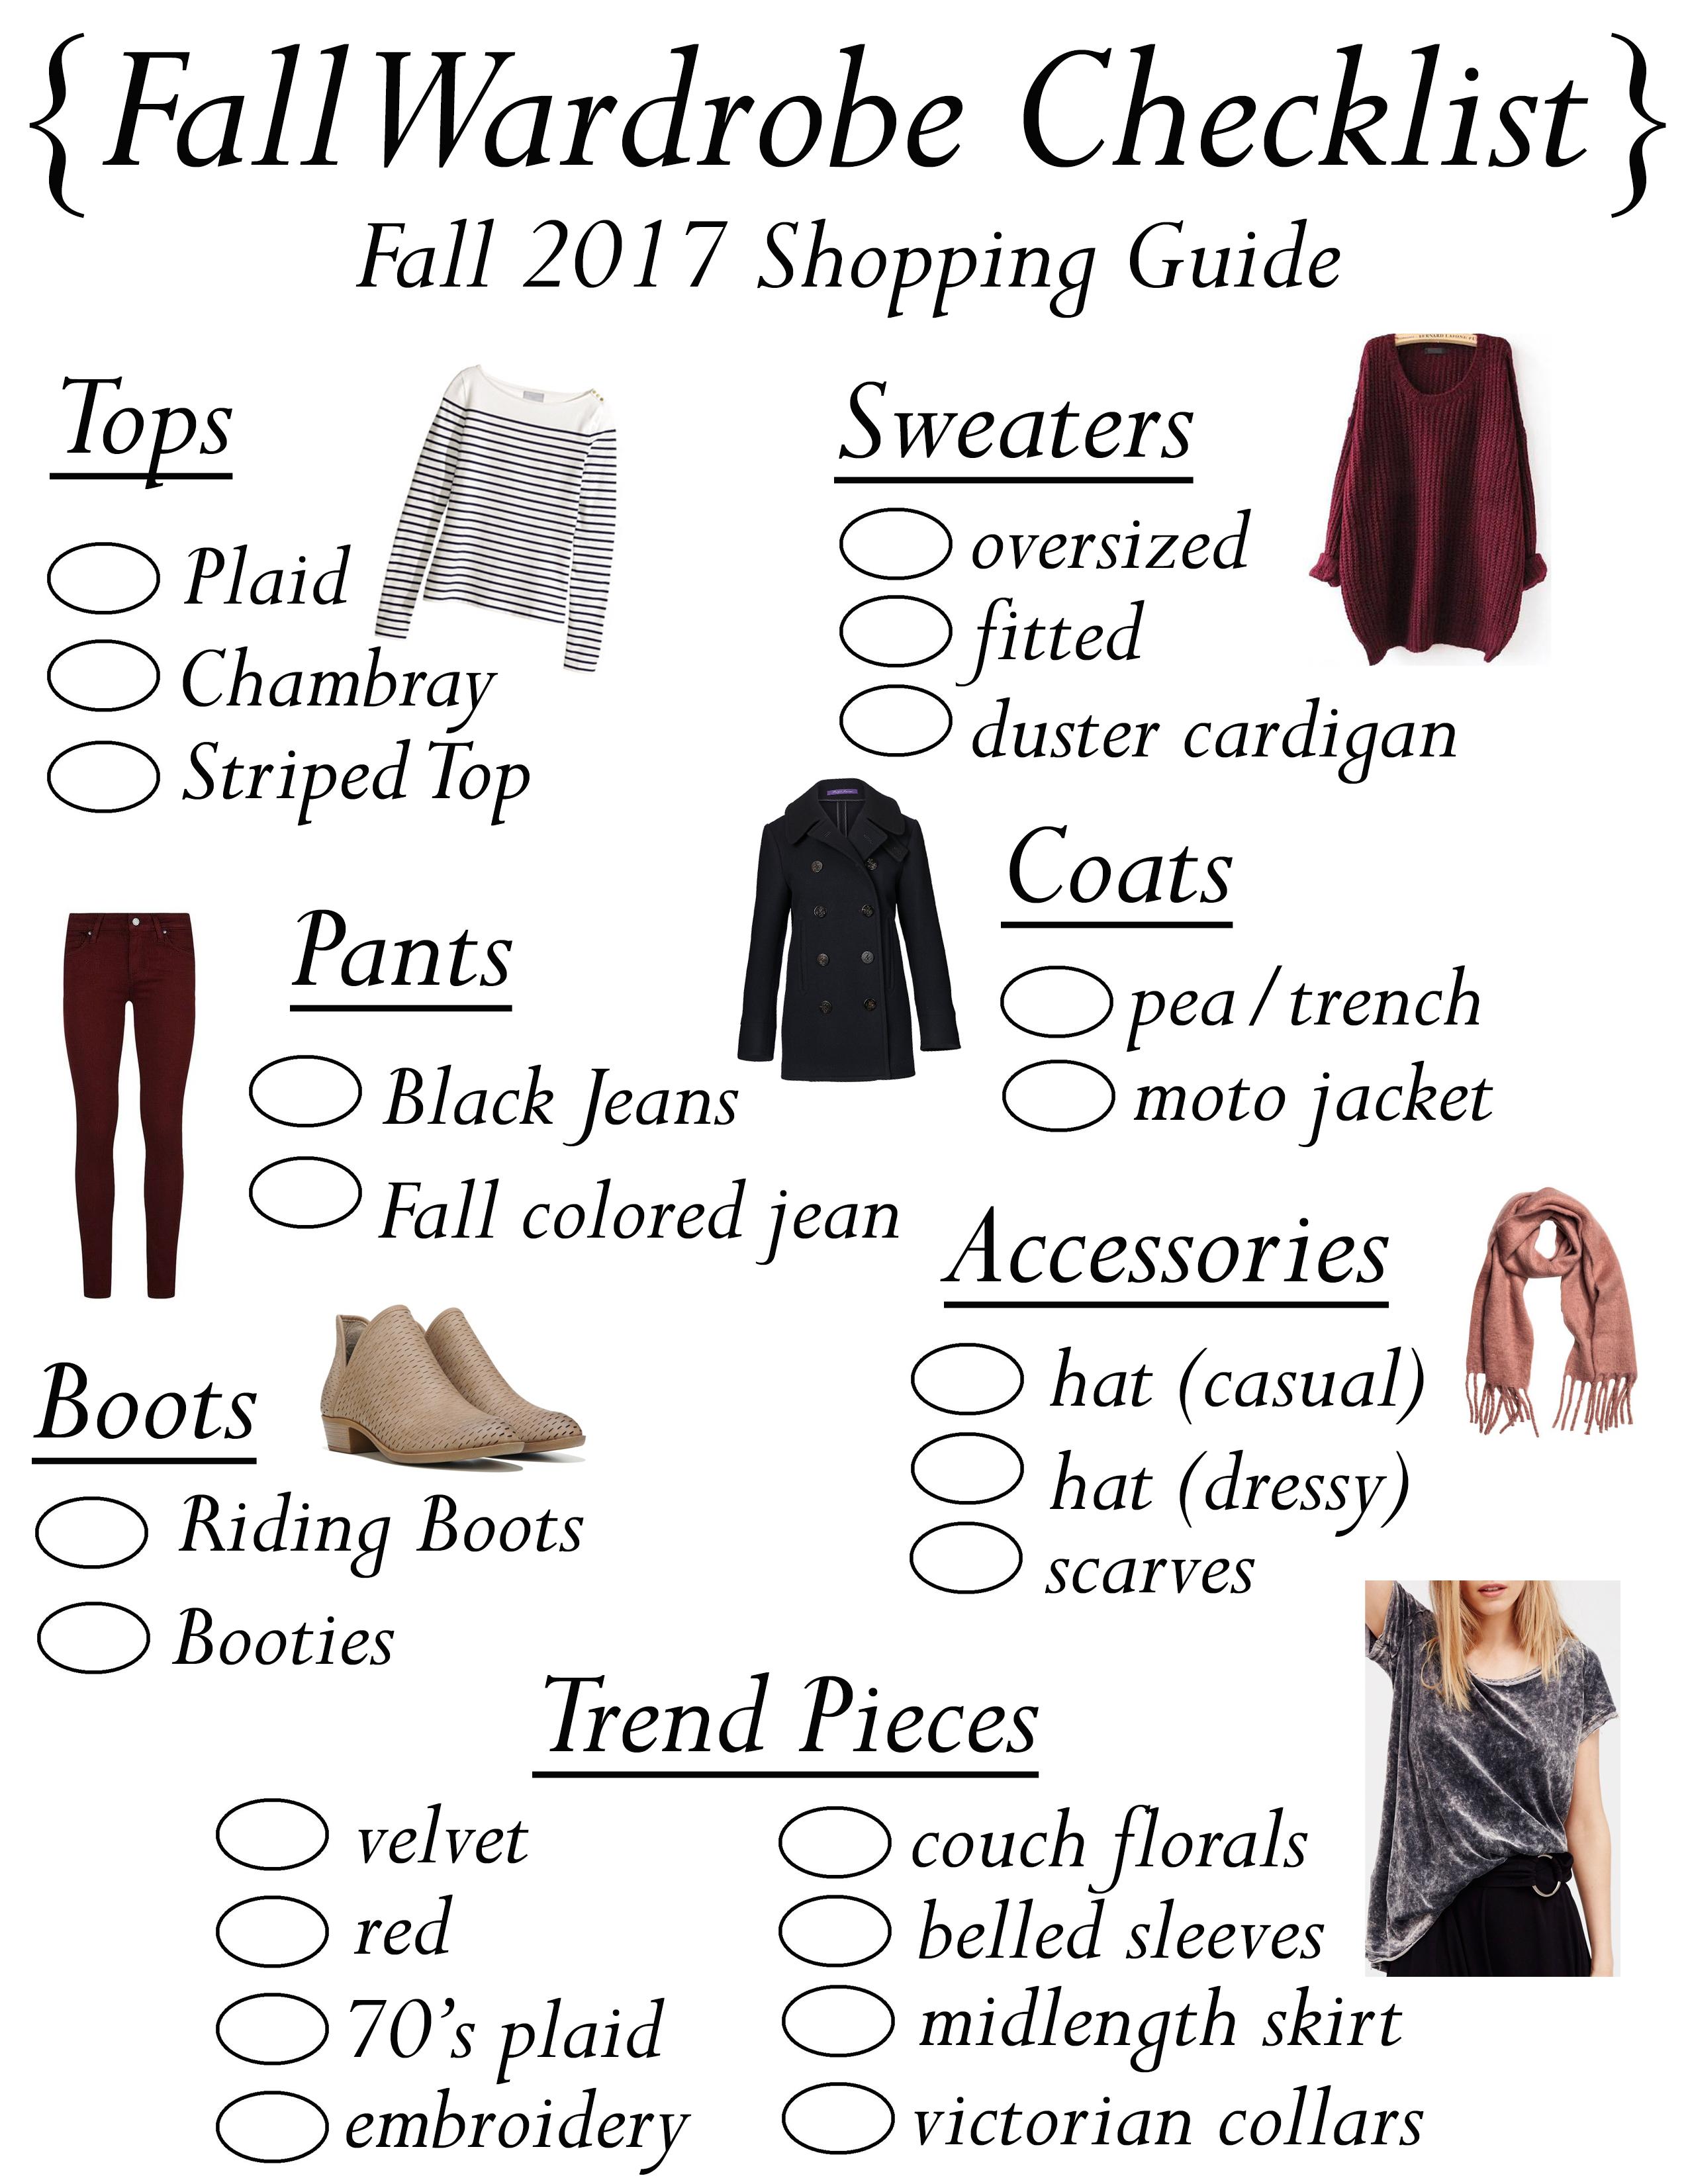 Fall Wardrobe Checklist